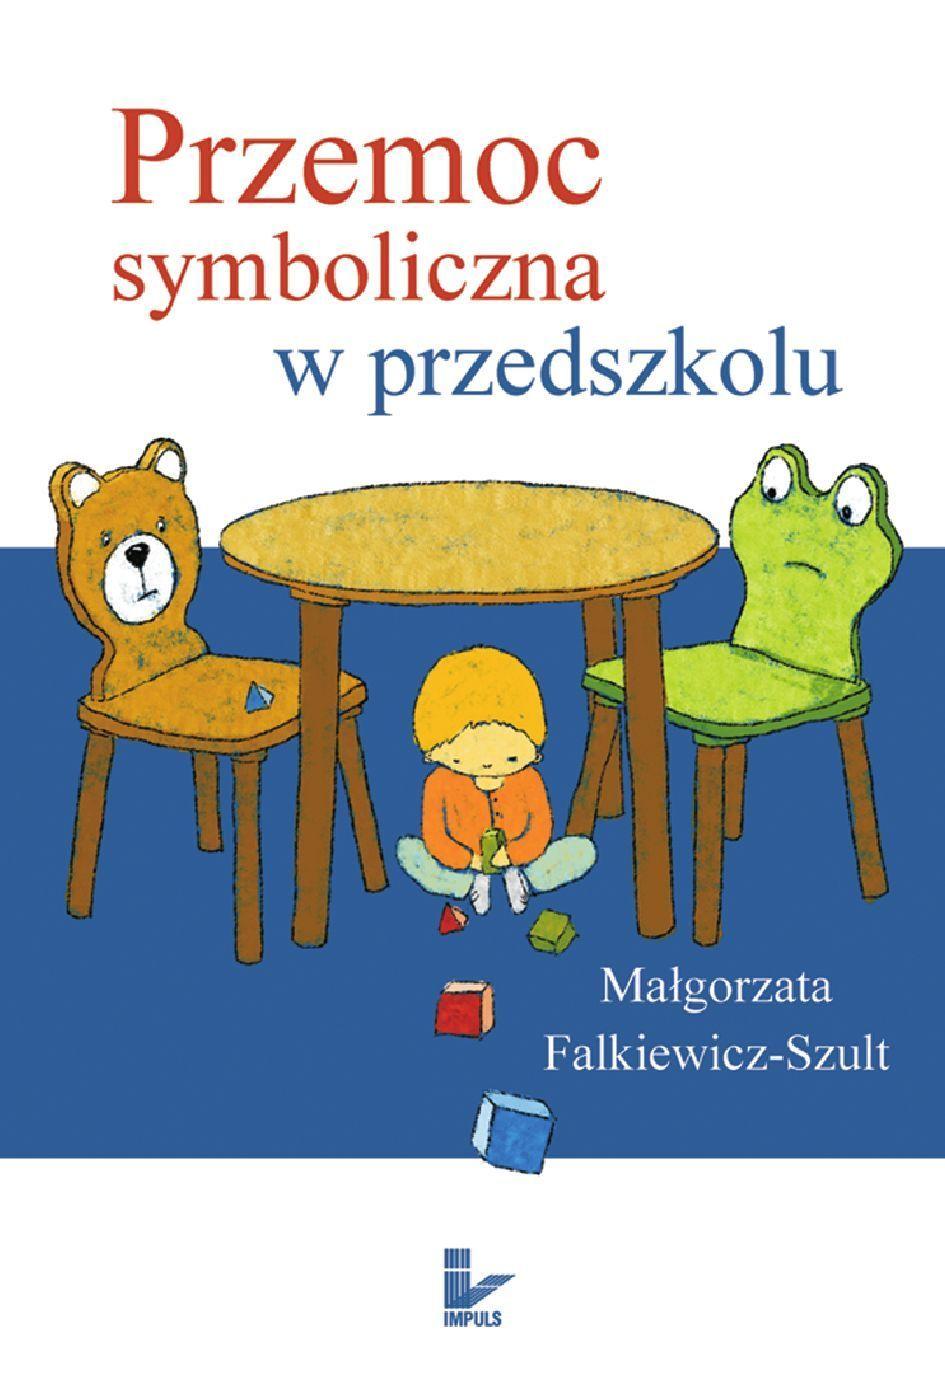 Przemoc symboliczna w przedszkolu - Ebook (Książka EPUB) do pobrania w formacie EPUB